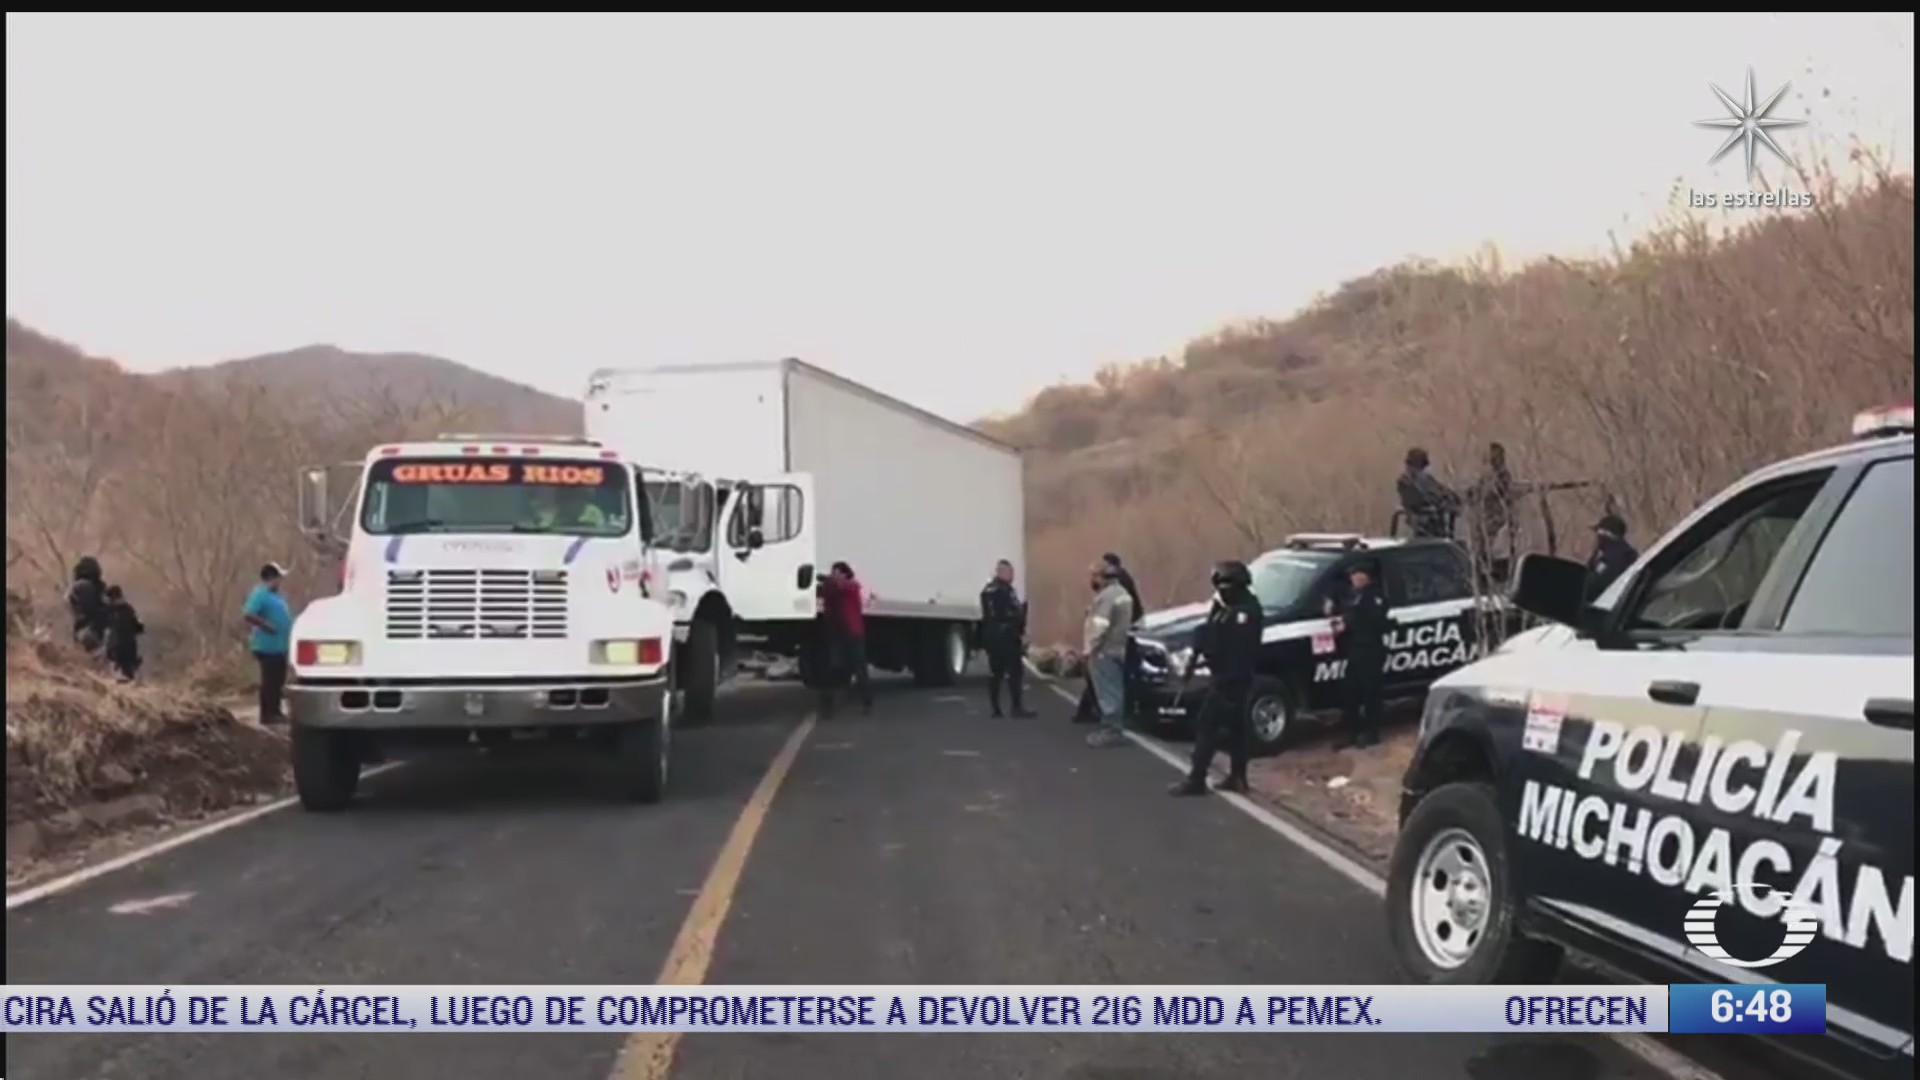 policias en michoacan reparan tramos carreteros destruidos por el crimen organizado